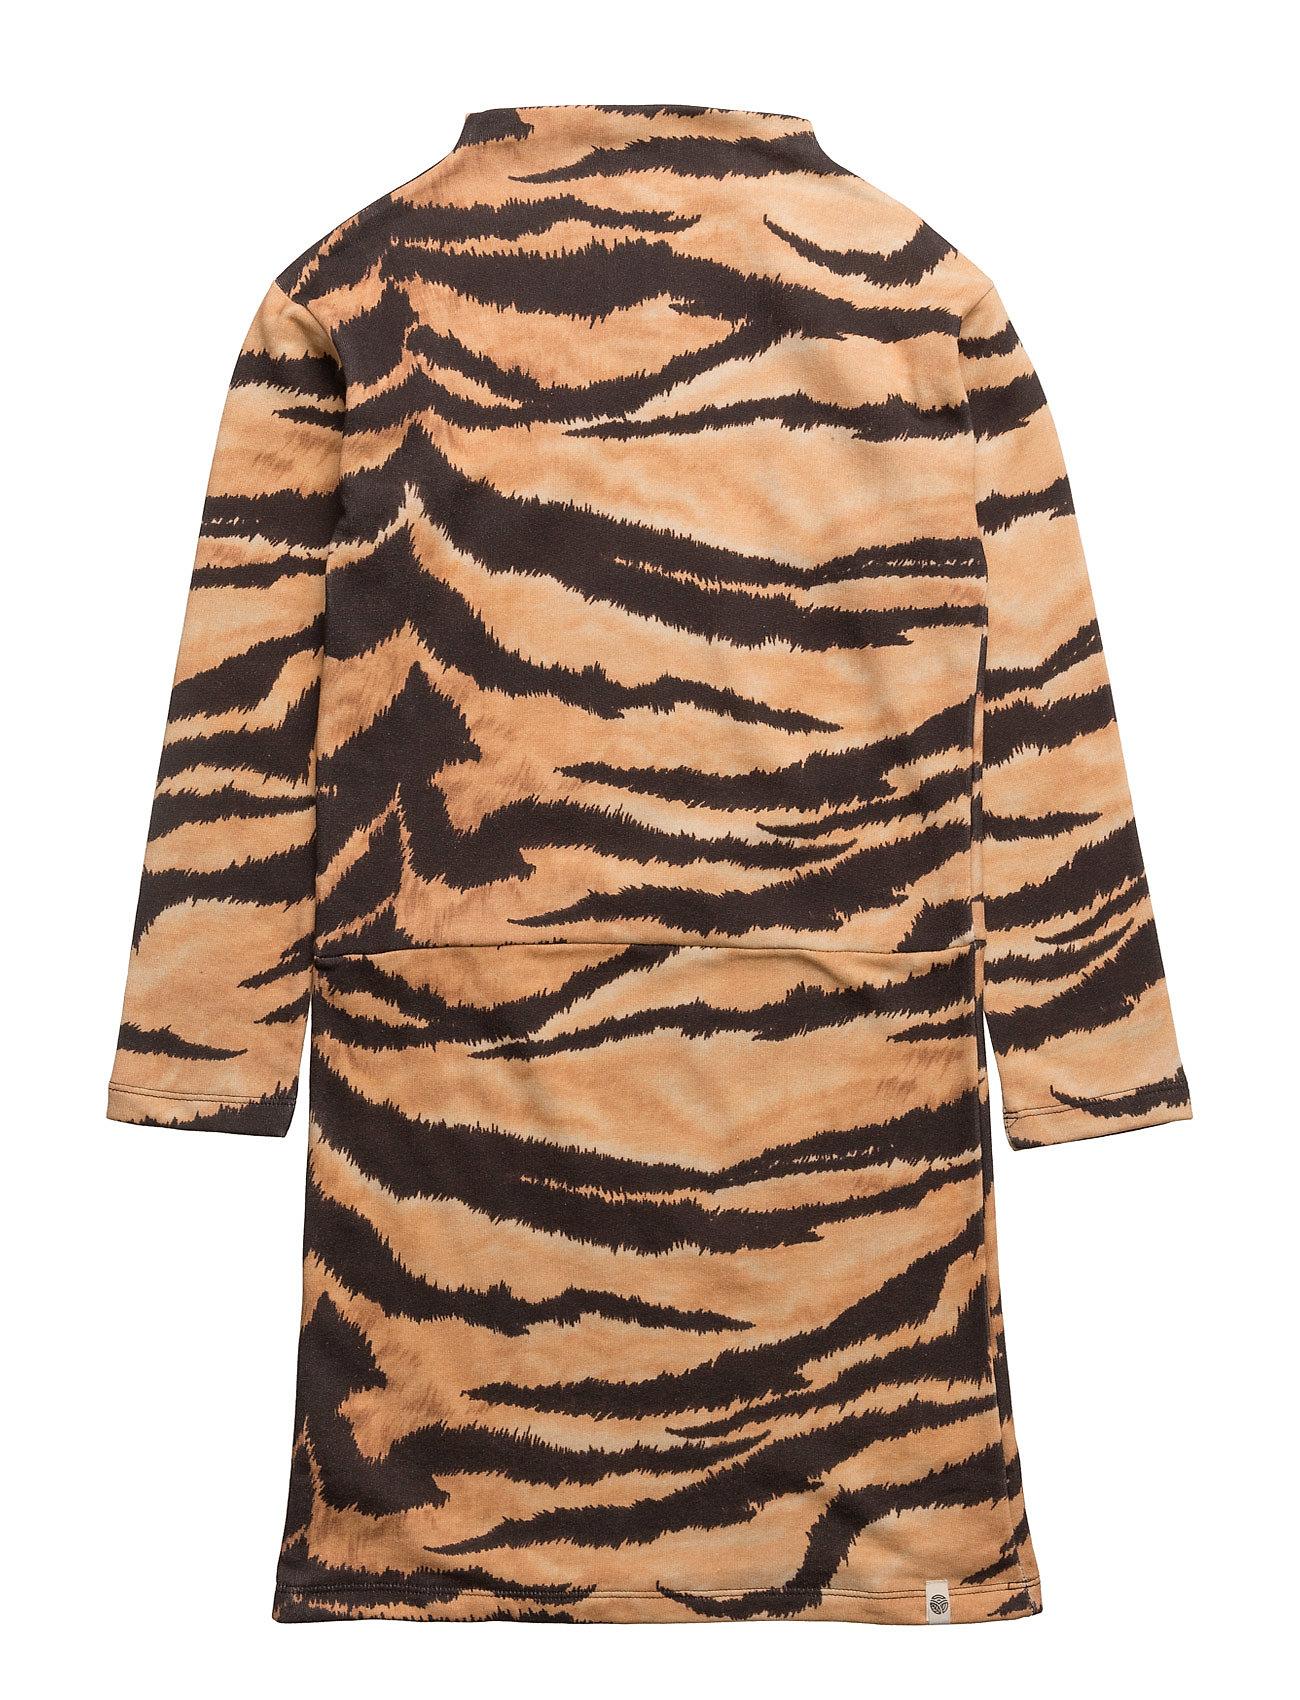 Lecce Dress Brown Tiger Aop Popupshop Kjoler til Børn i